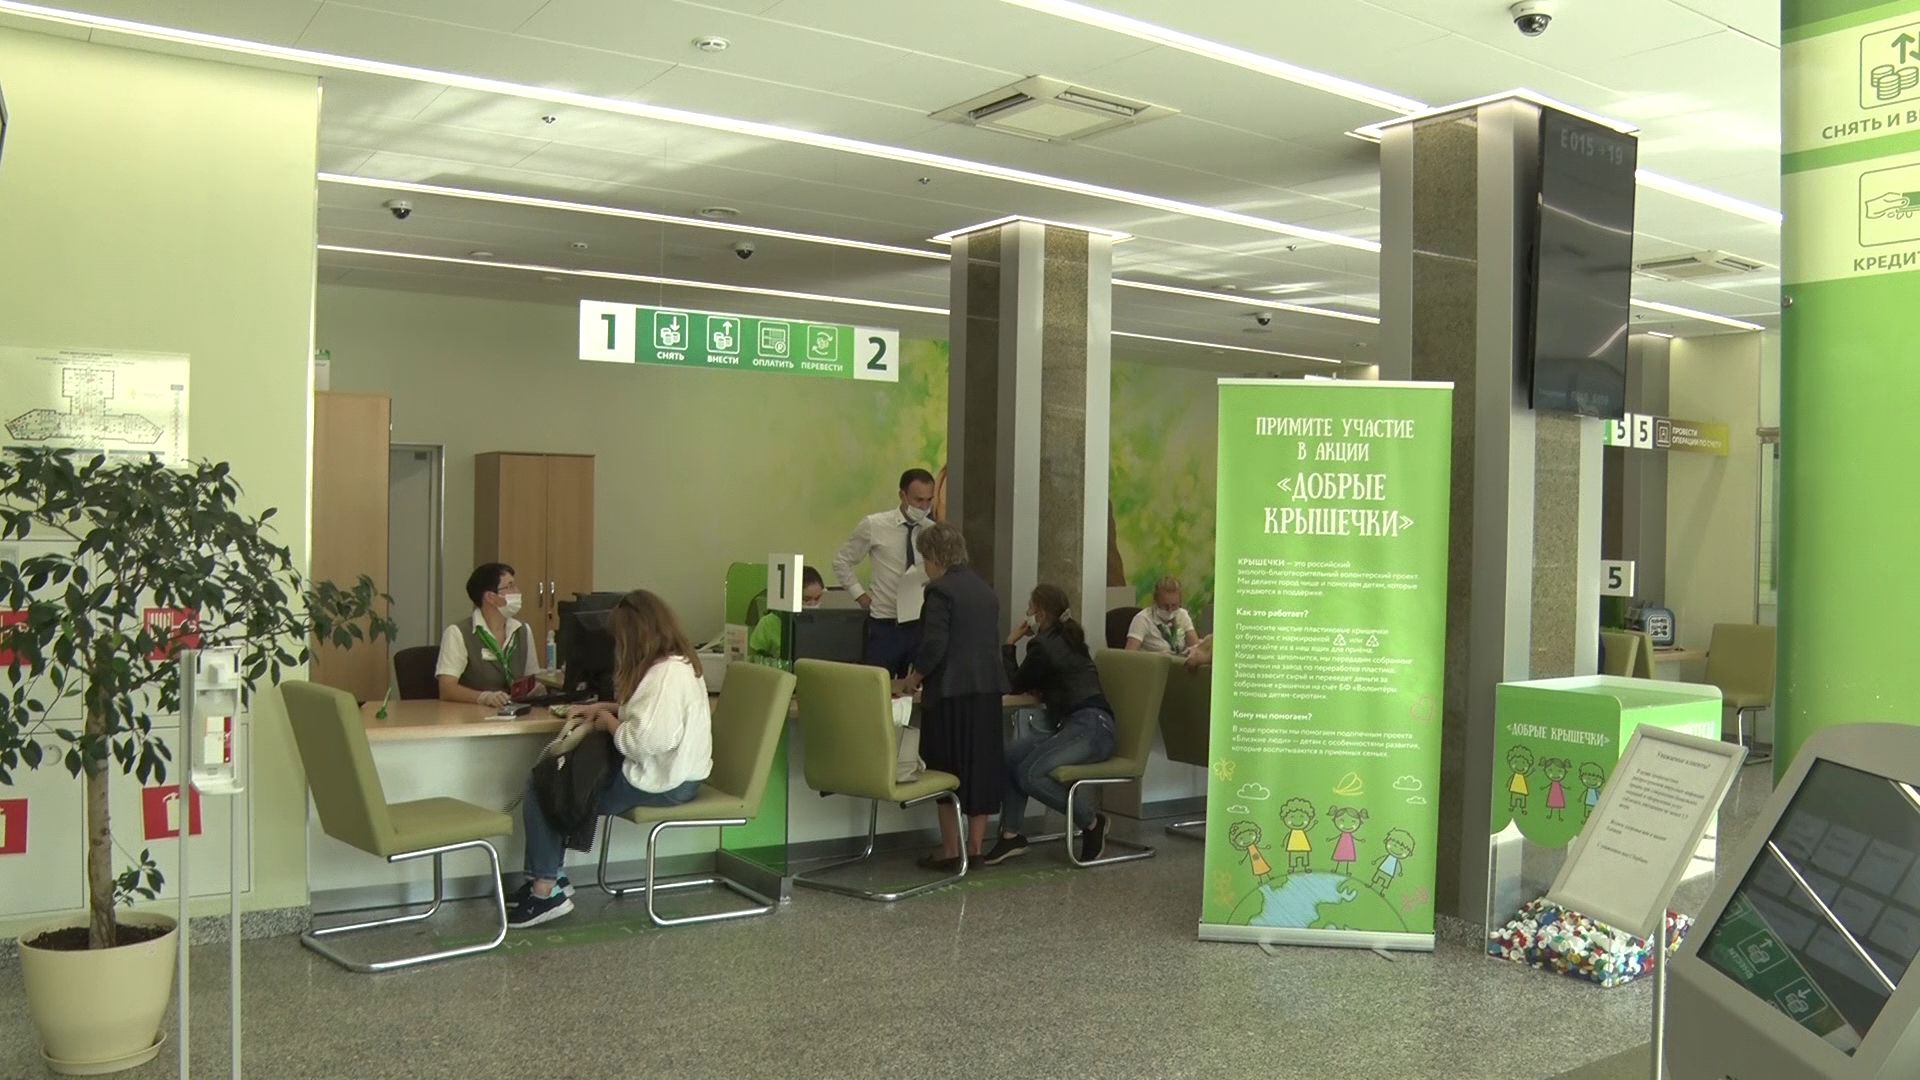 Ярославцы могут взять шестимесячную отсрочку по платежам за кредит